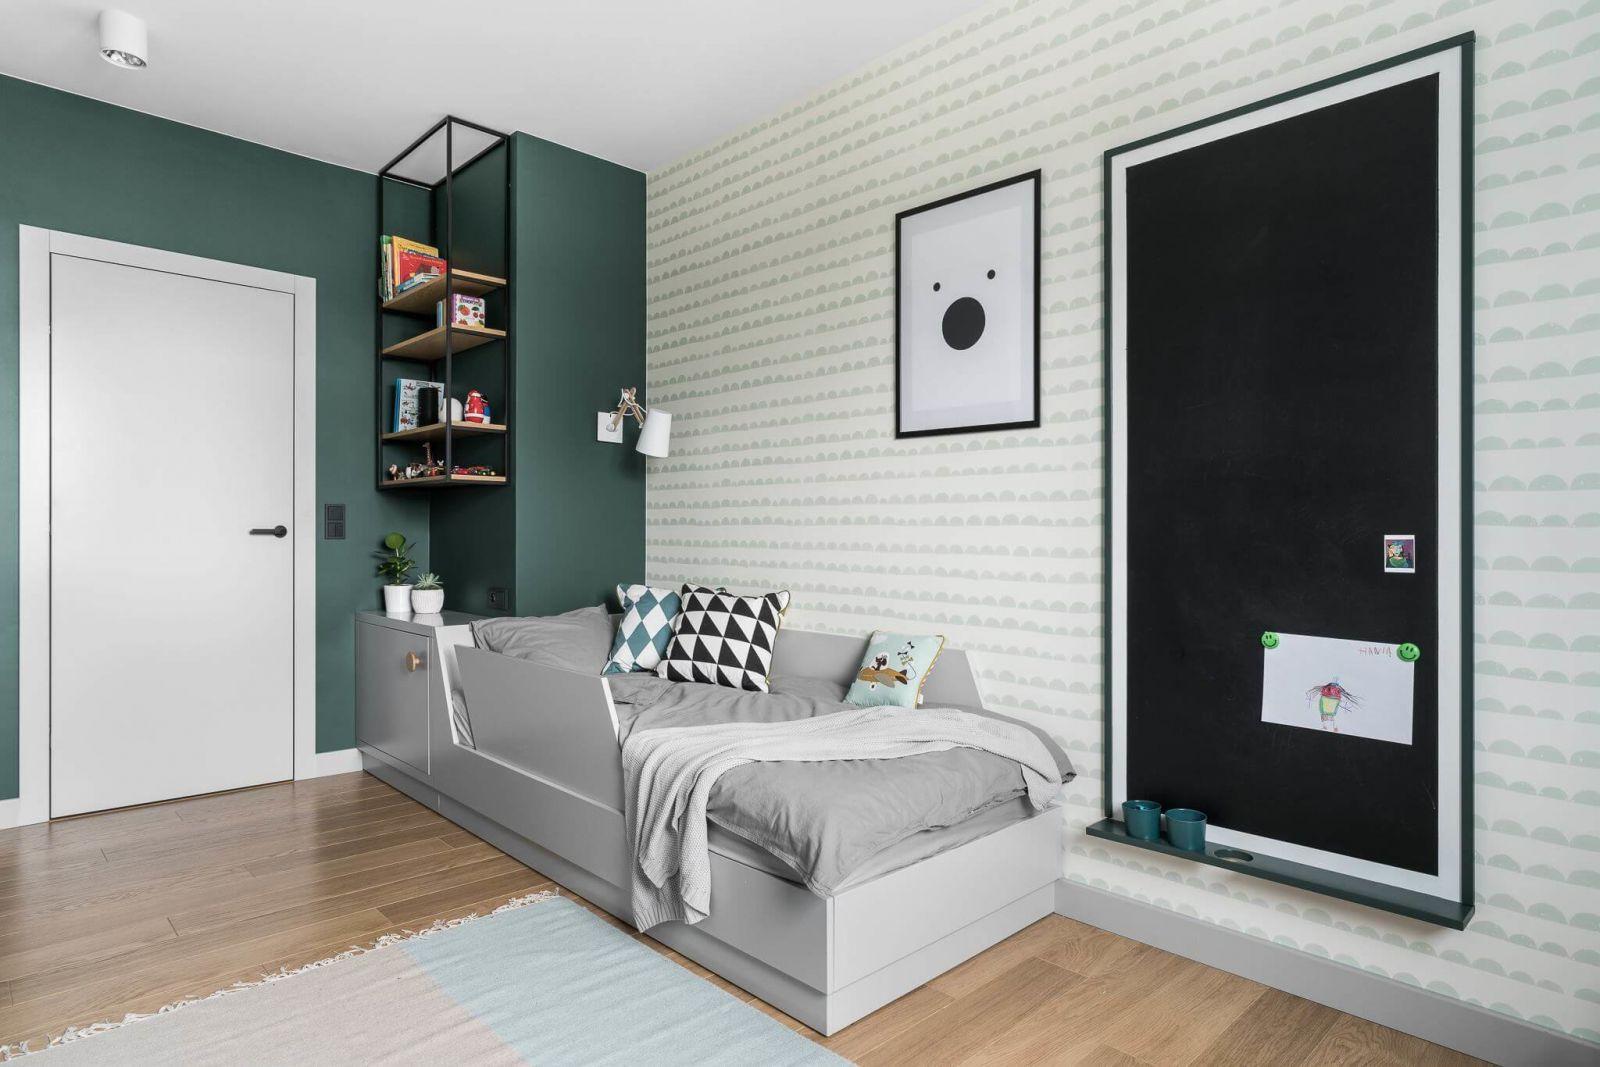 Для комфорта и удобства в комнате создано пространство для хранения игрушек и прочих мелочей – вместительная ниша, спрятанная под окном.